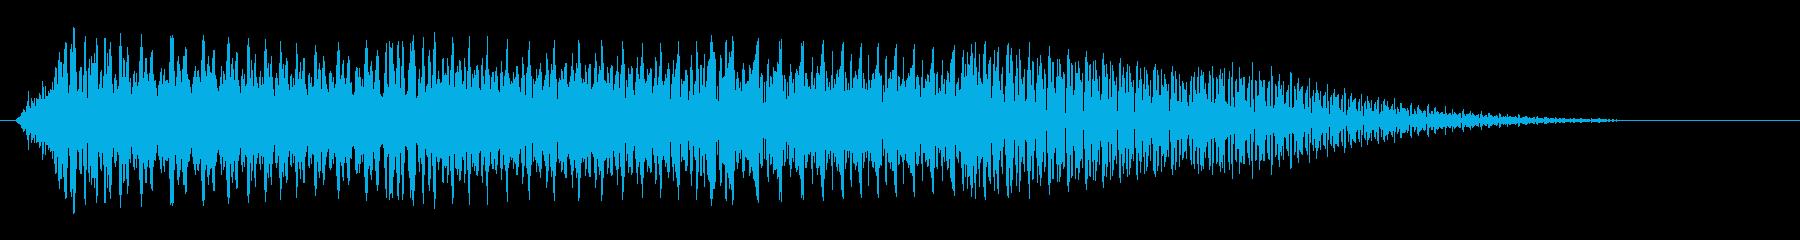 ビヨヨヨヨーン(小動物が動く音)の再生済みの波形